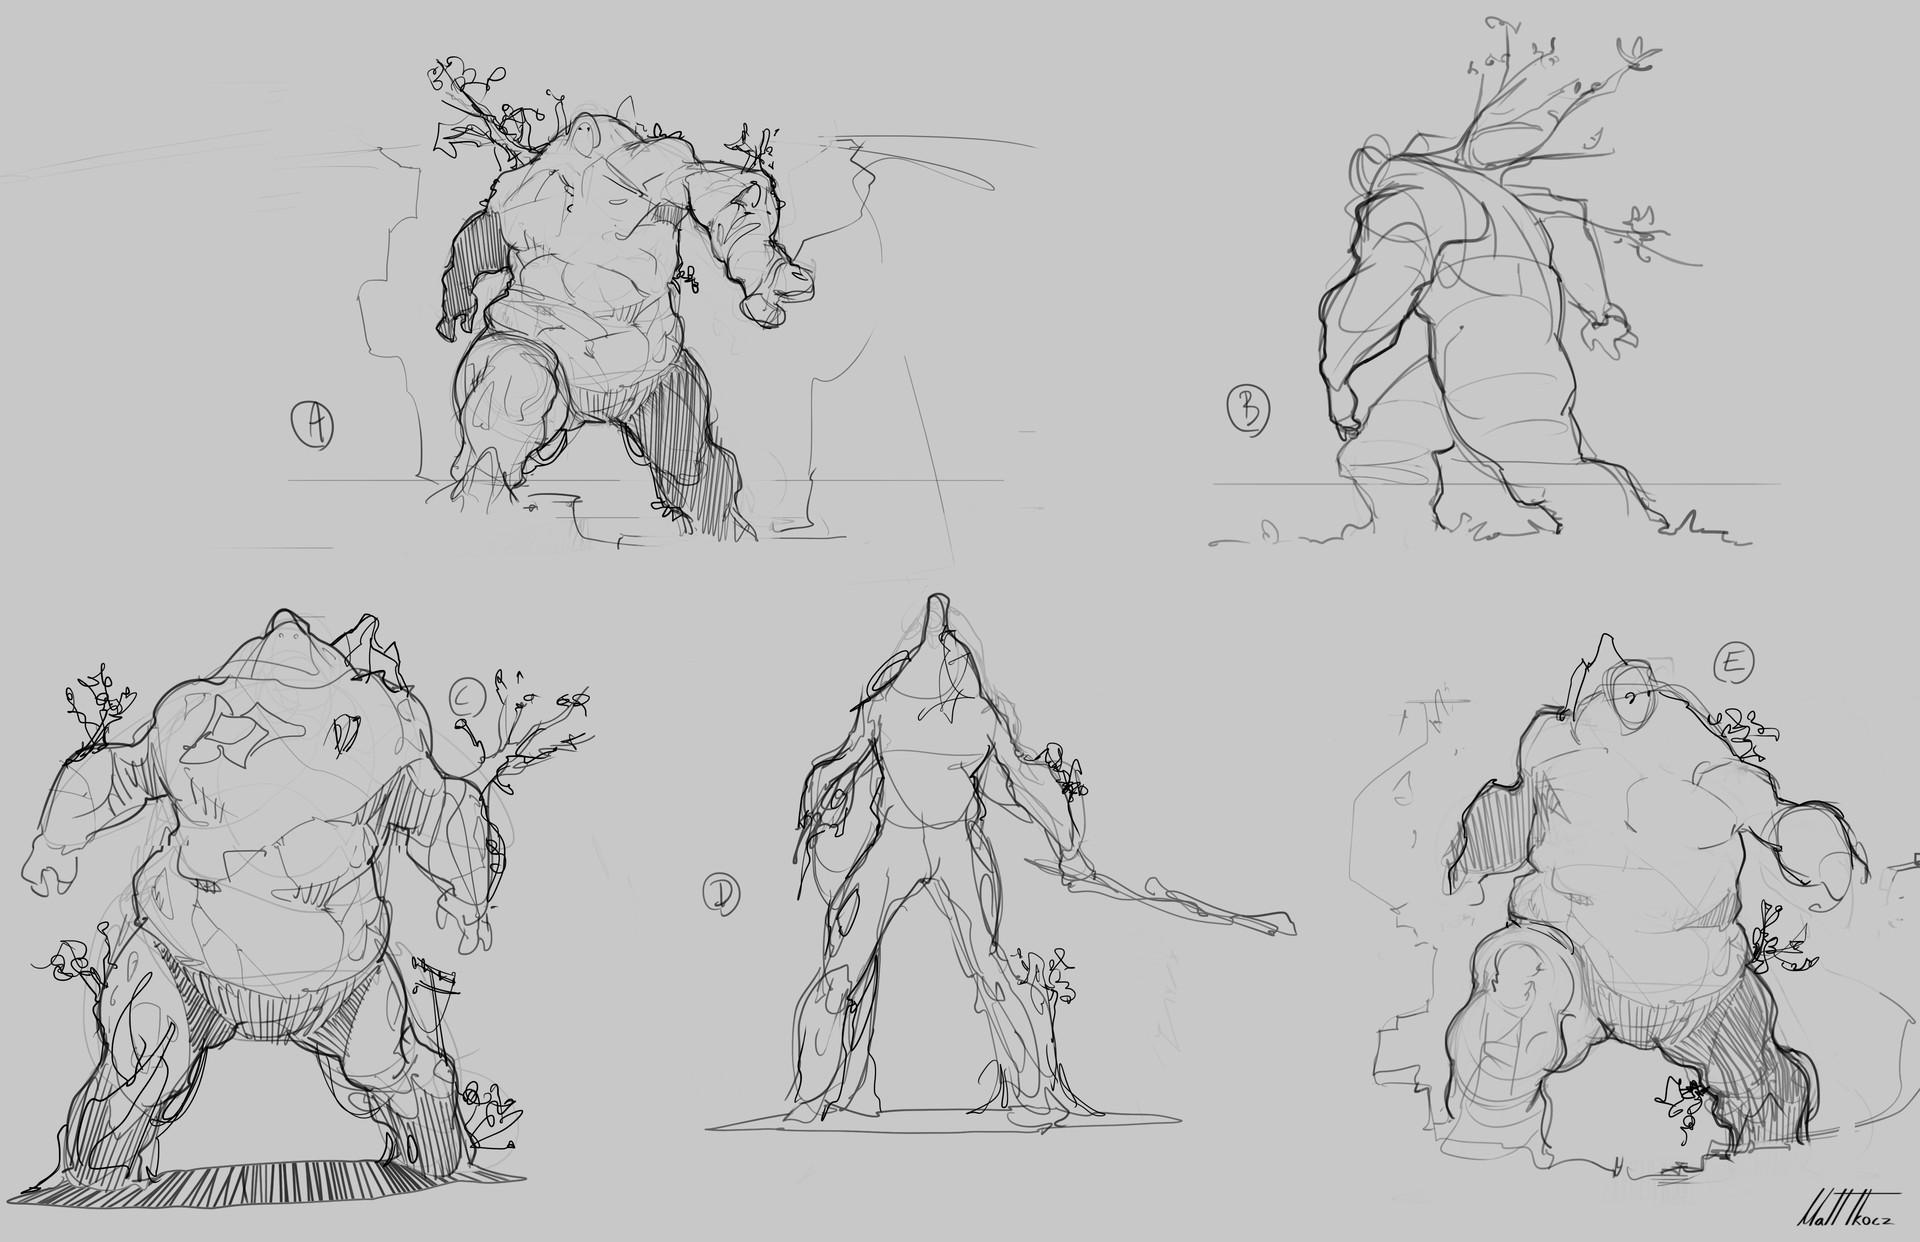 Matt tkocz giants sketches7